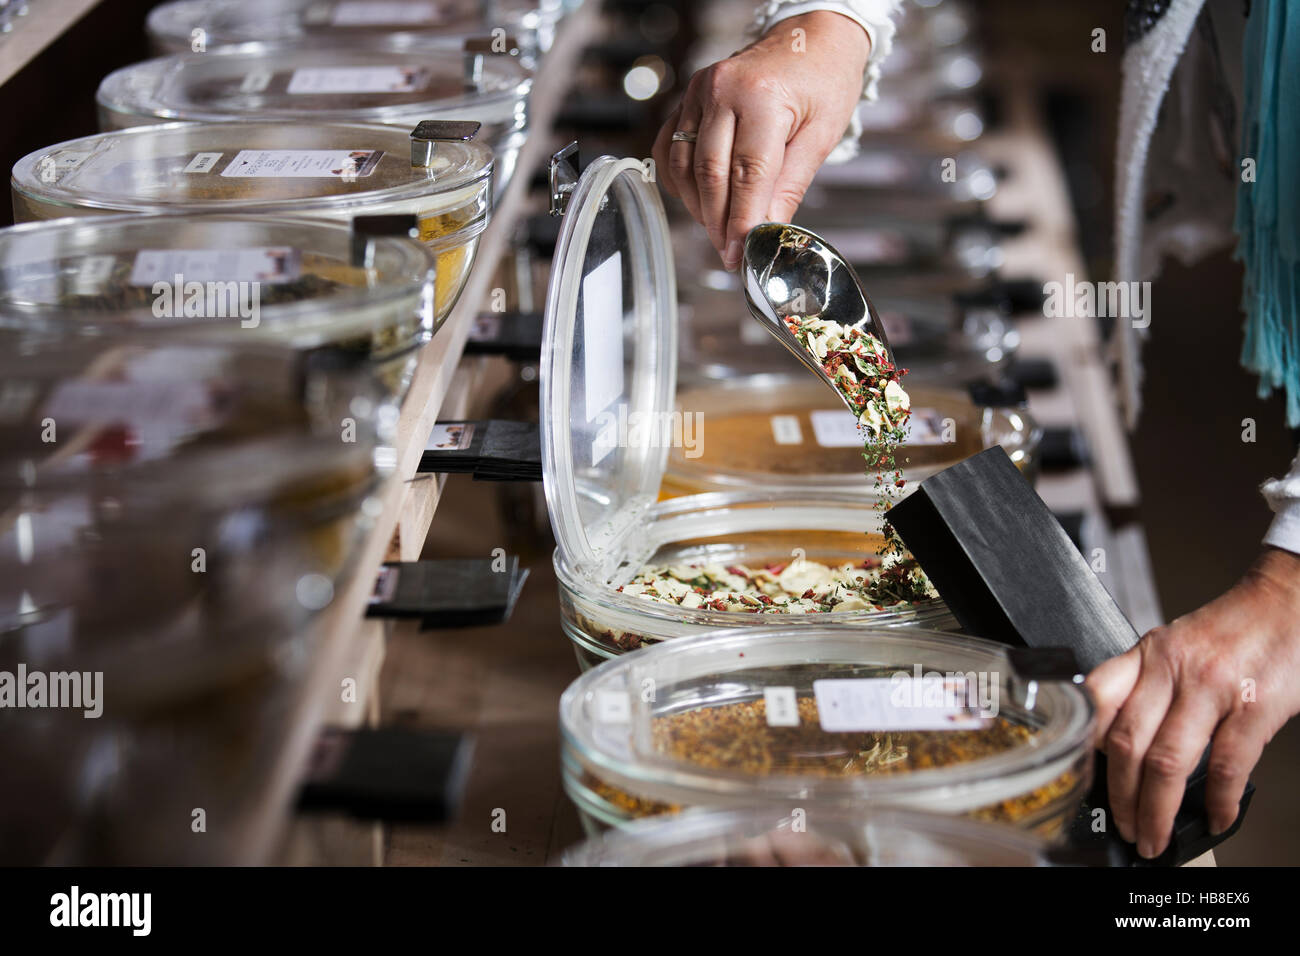 Le mélange est versé dans un sac de papier séché, l'ail, le persil, le paprika, le piment, Photo Stock